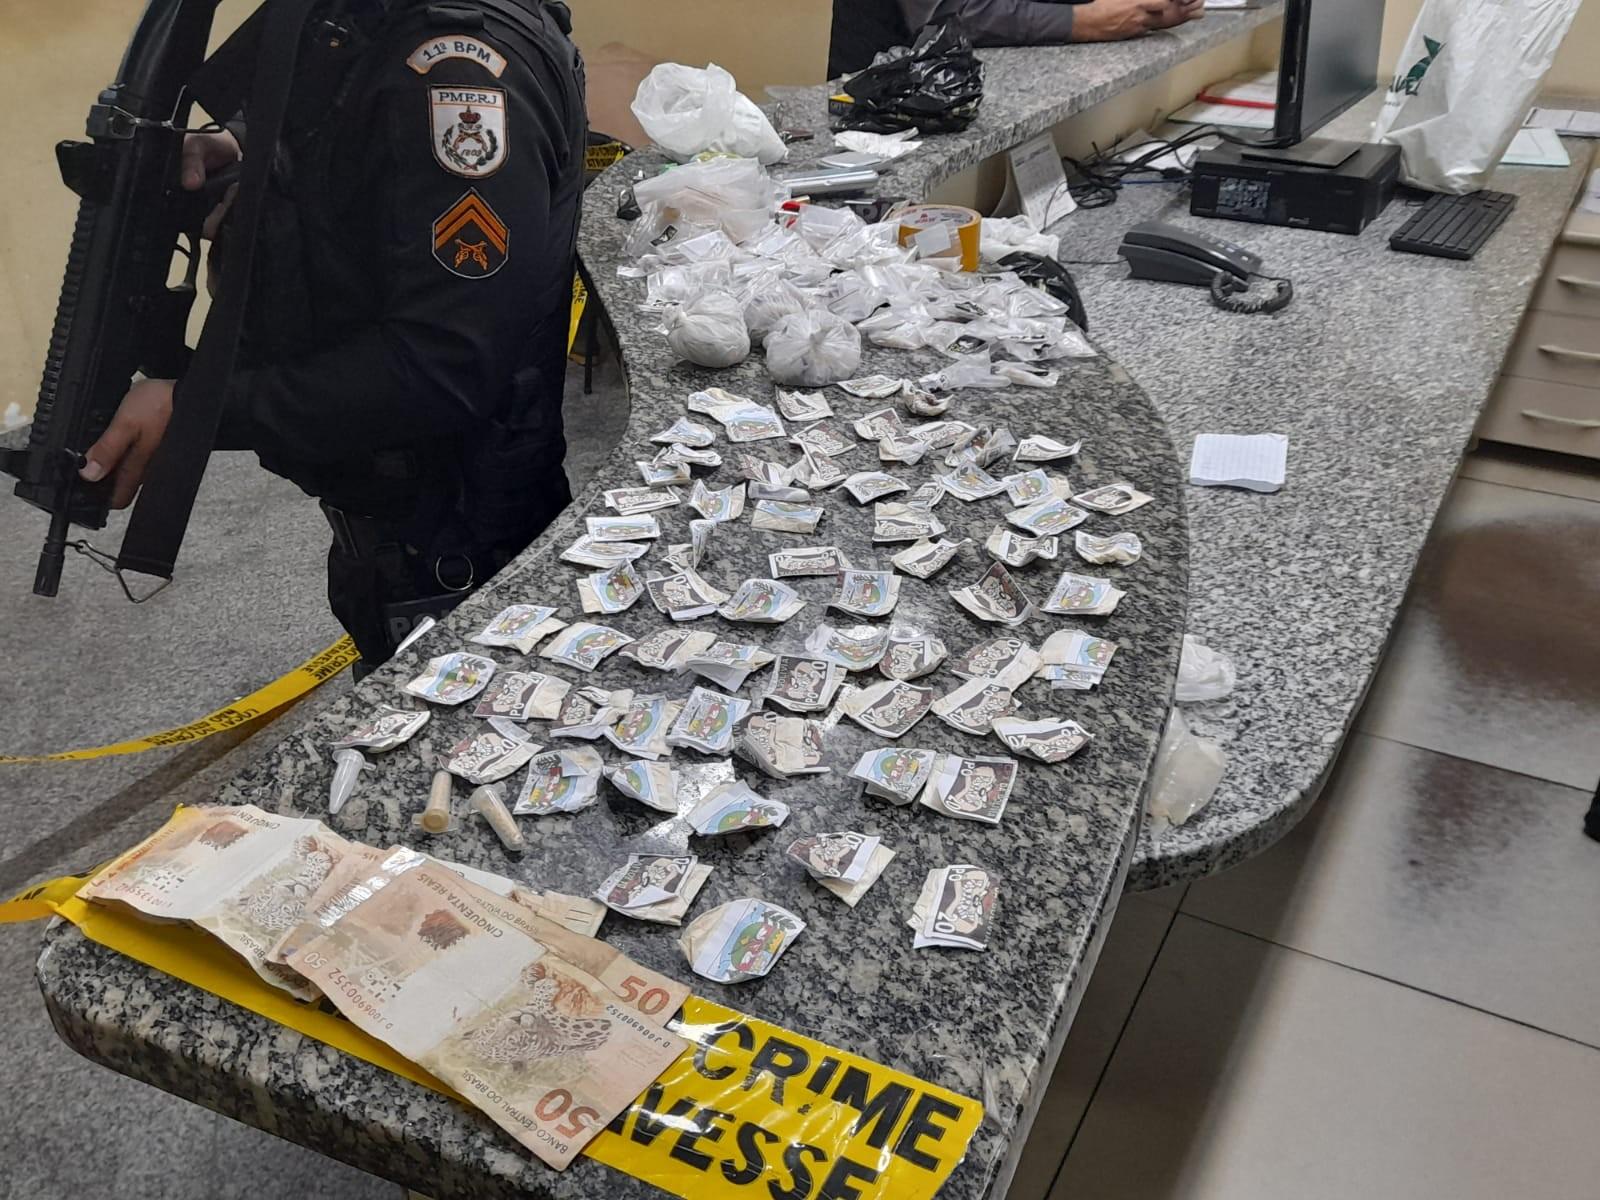 Homem é preso e drogas são apreendidas em Bom Jardim, no RJ